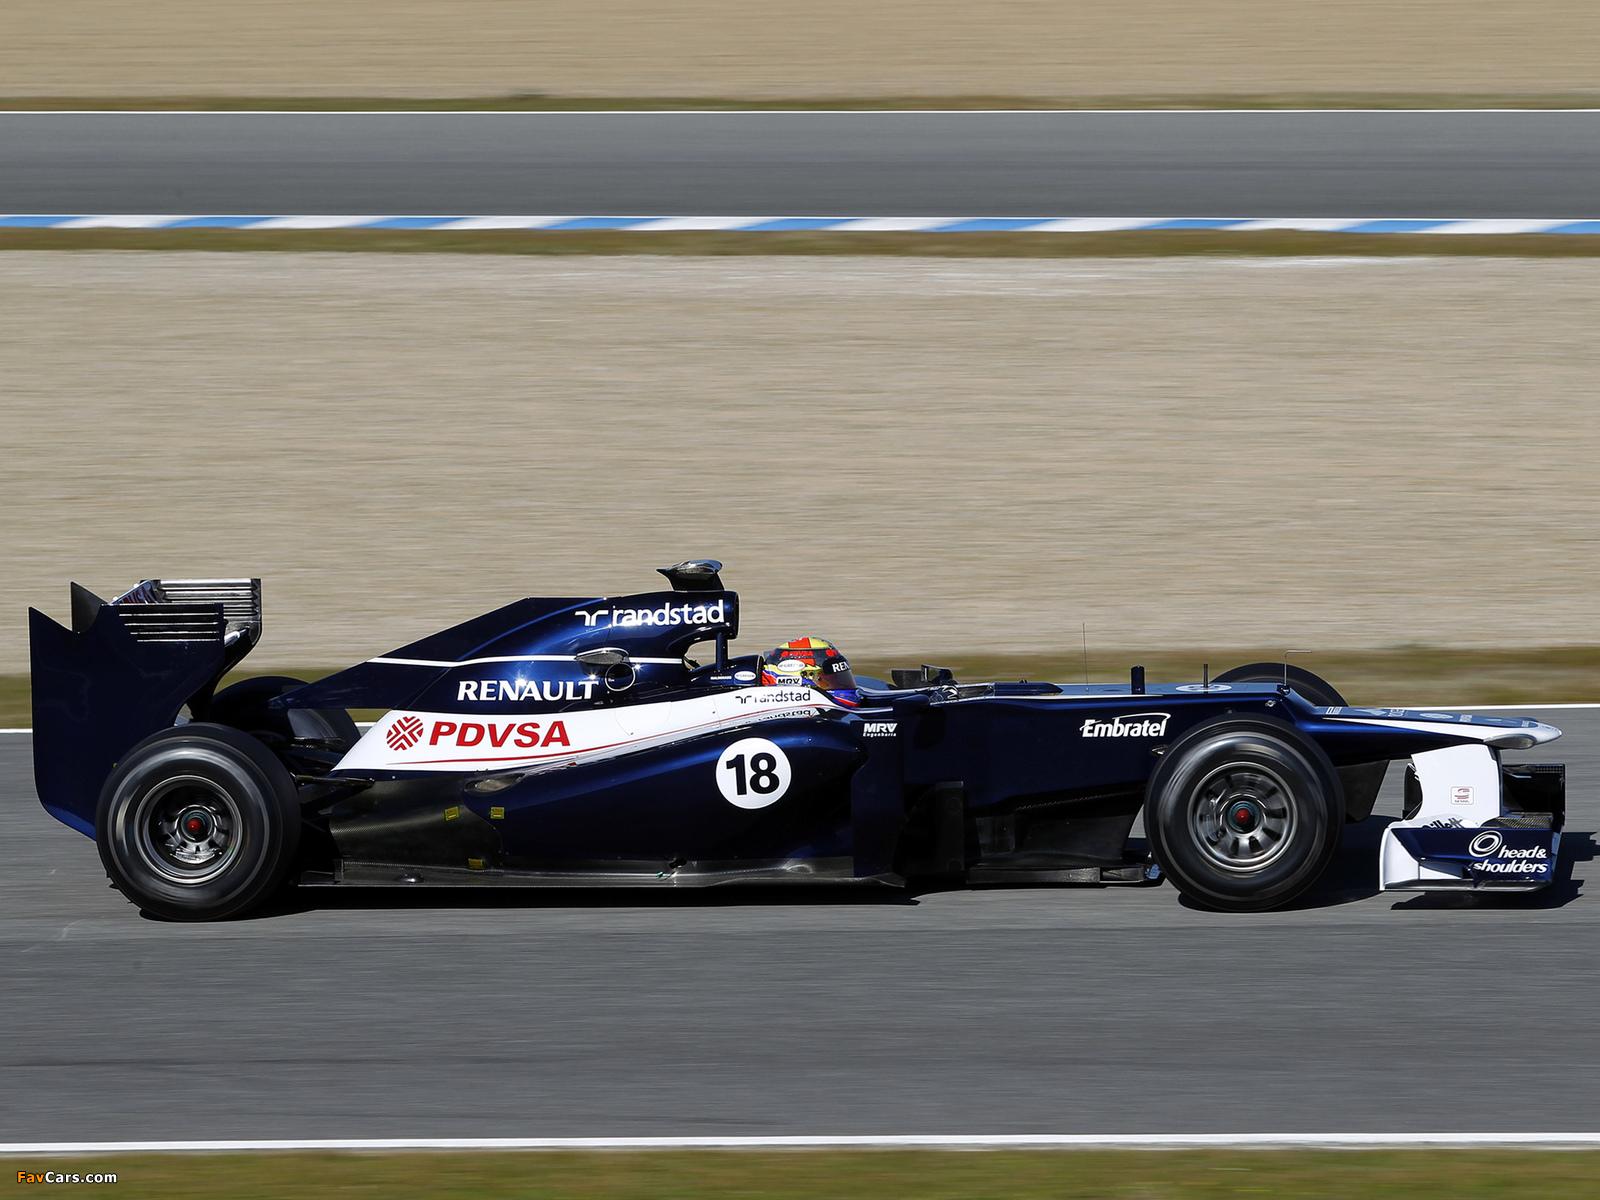 Williams FW34 2012 images (1600 x 1200)